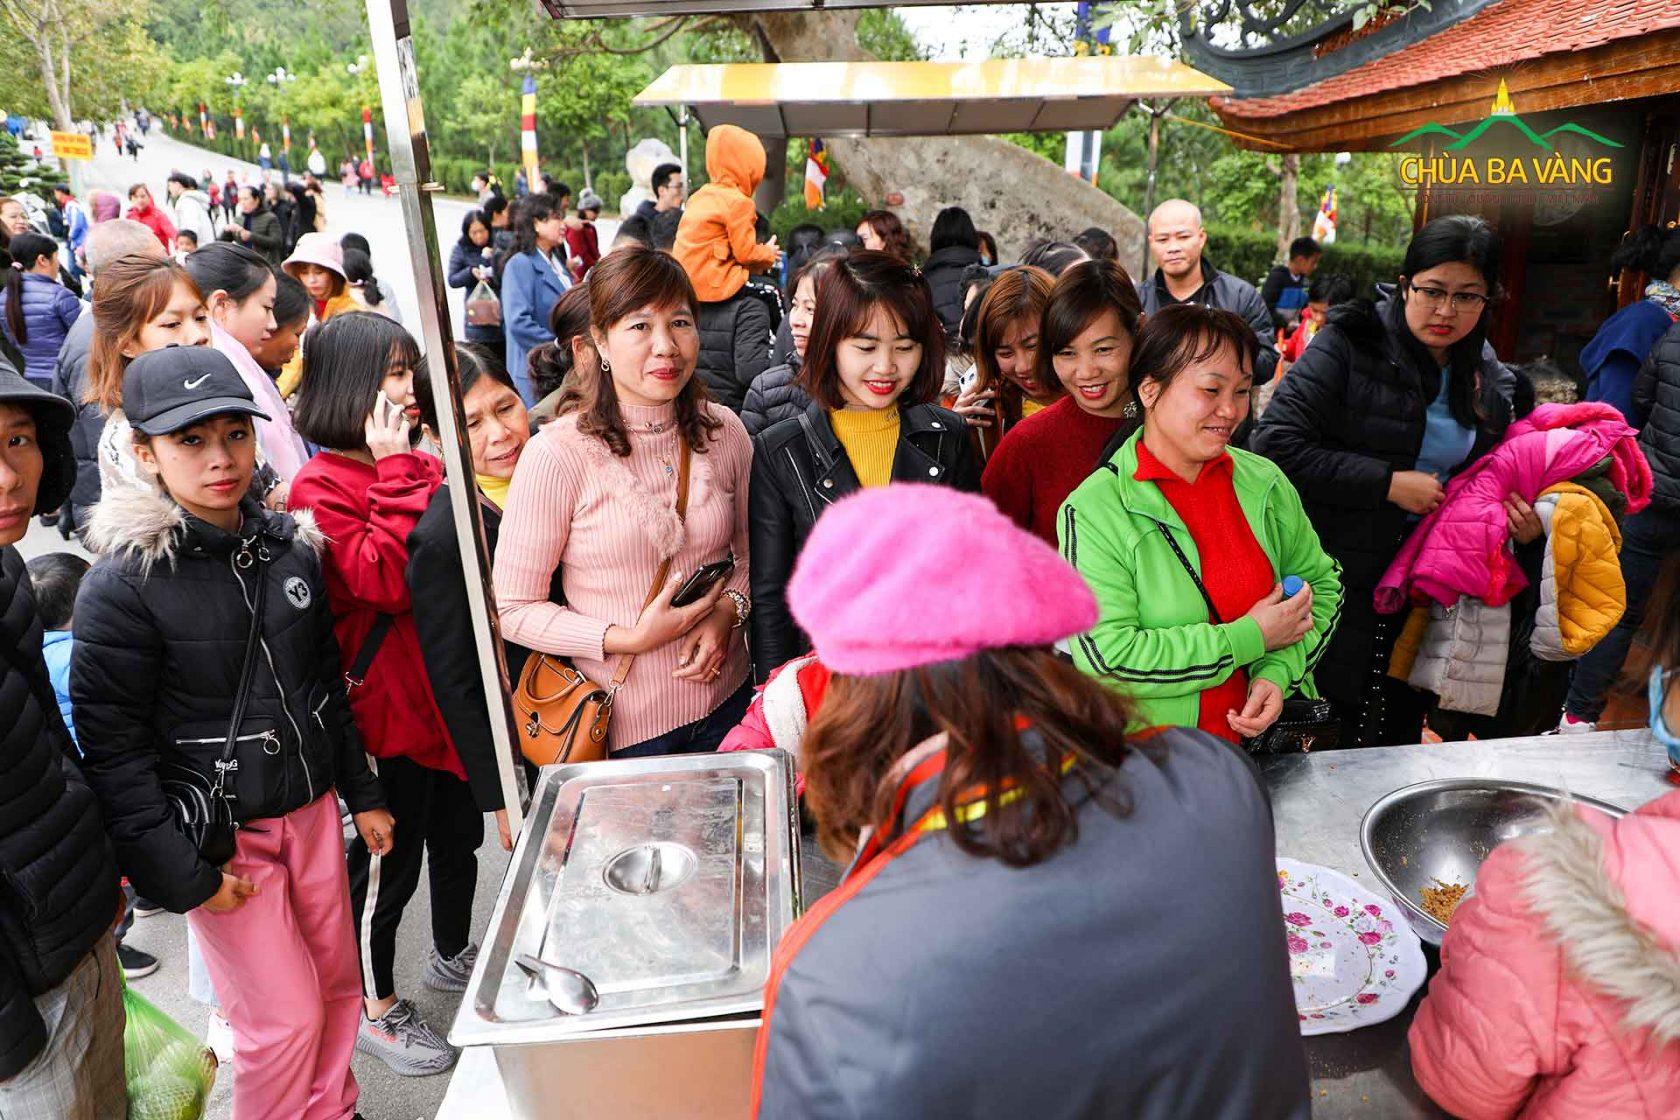 Du khách xếp hàng dài để xin bánh Samosa tại các điểm phát lộc của chùa